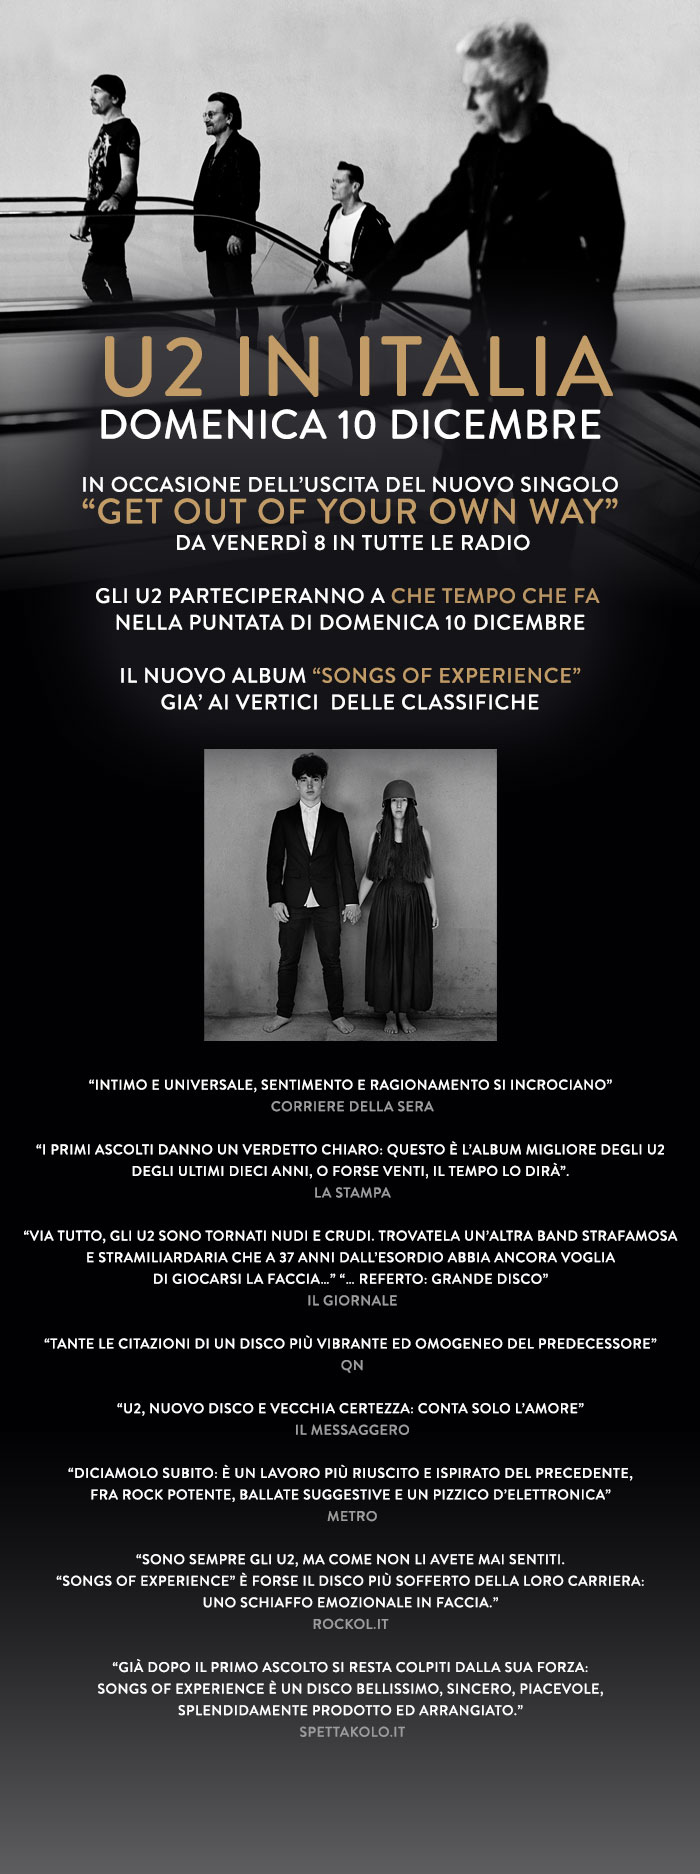 Gli U2 in italia domenica 10 e poi rumors su un concerto a Bologna nel 2018!